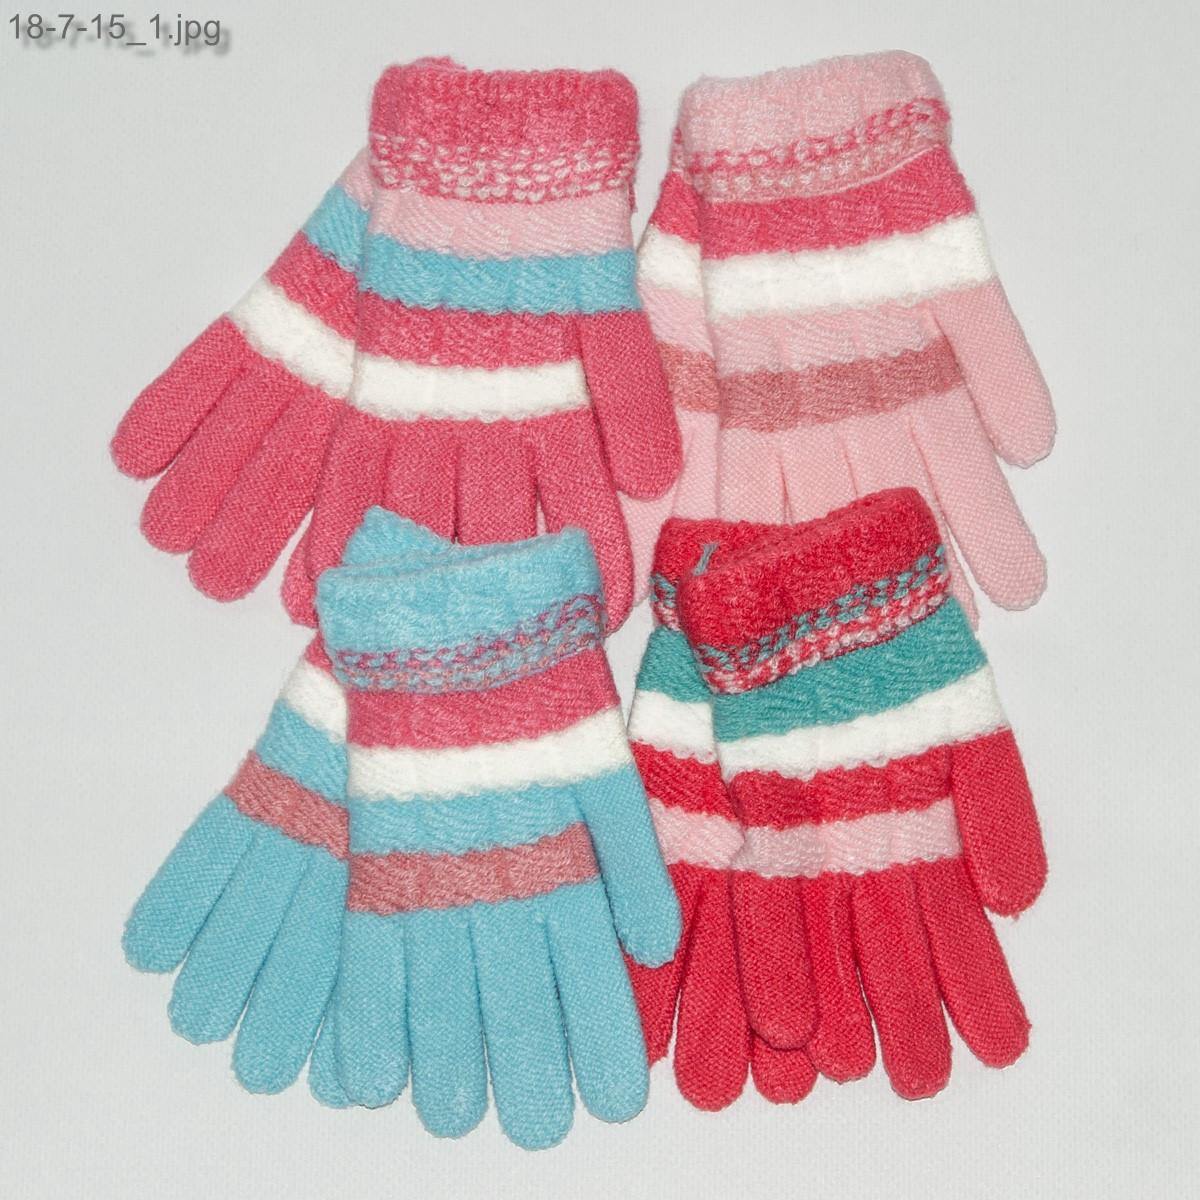 Перчатки детские на девочек 4-6 лет - №18-7-15